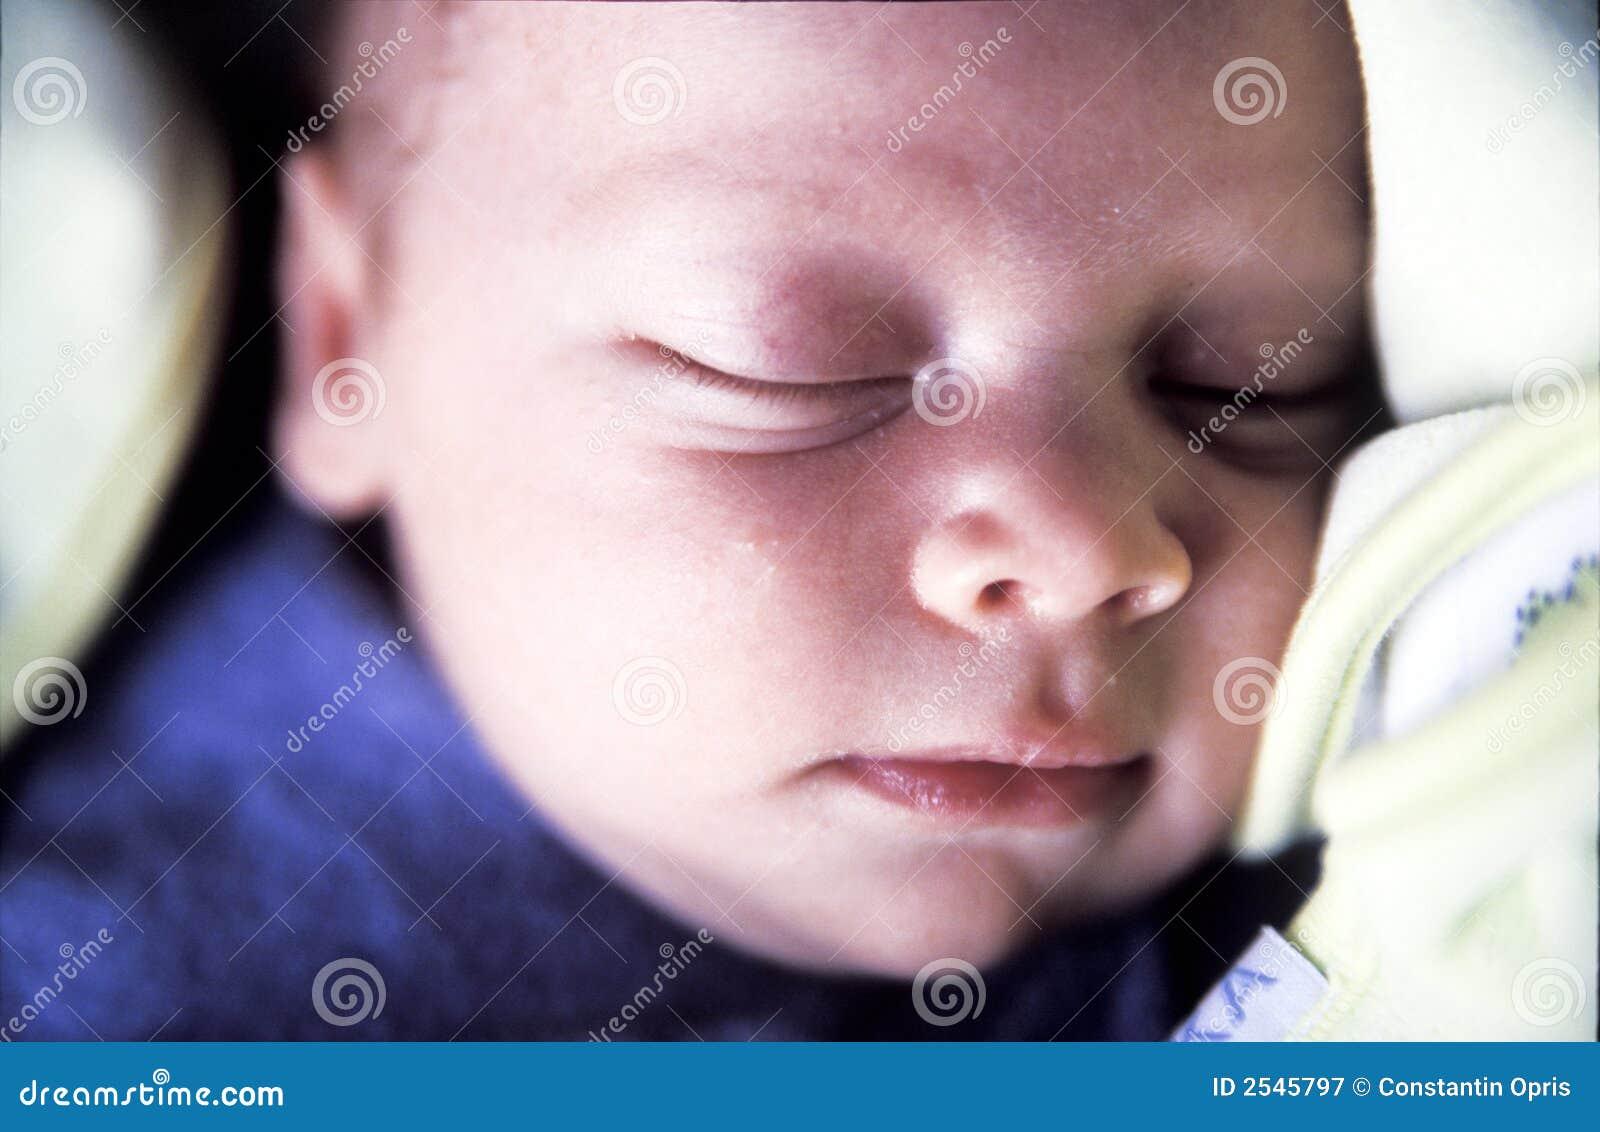 Neonato appena nato addormentato